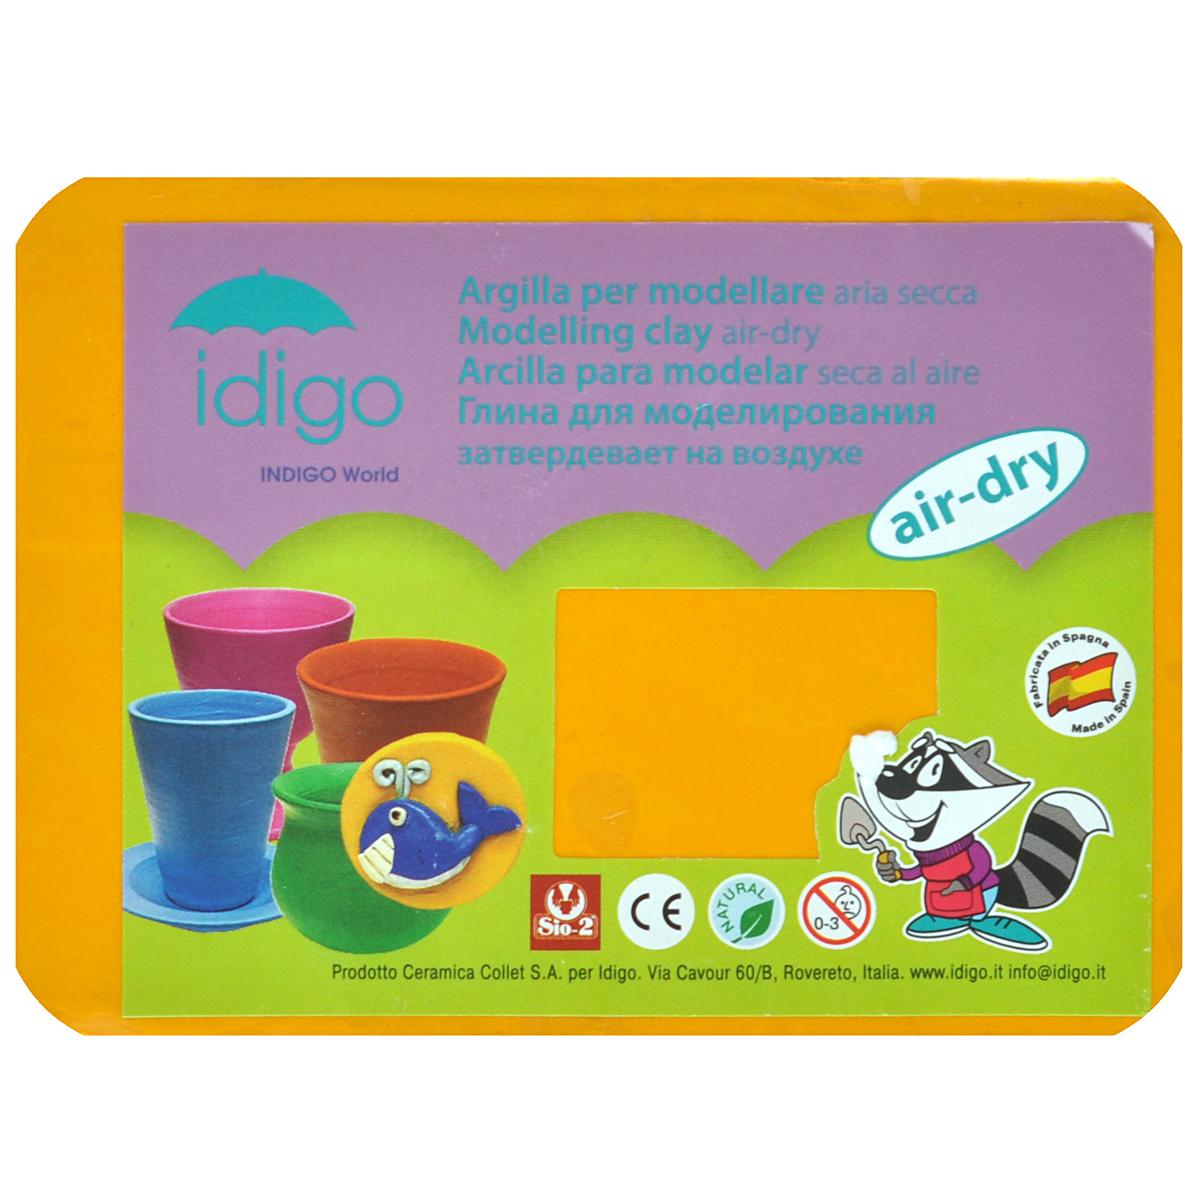 Глина для моделирования Idigo, цвет: желтый51000081Глина Idigo желтого цвета, предназначенная для работ на гончарном круге и ручной лепки, поможет малышу развить творческие способности, воображение и мелкую моторику рук. Она обладает отличными пластичными свойствами, хорошо размягчается, не липнет к рукам и одежде, легко смешивается с глиной другого цвета, благодаря чему можно создать огромное количество любых однородных цветов и оттенков, а также добиться эффекта красивых узоров. Глина затвердевает на воздухе. Для придания дополнительной прочности готовое изделие можно высушить в духовке, а после раскрасить красками и покрыть лаком. Если вдруг паста для лепки потеряла эластичность, намочите ее водой, и ее свойства будут восстановлены. Масса глины: 250 г.